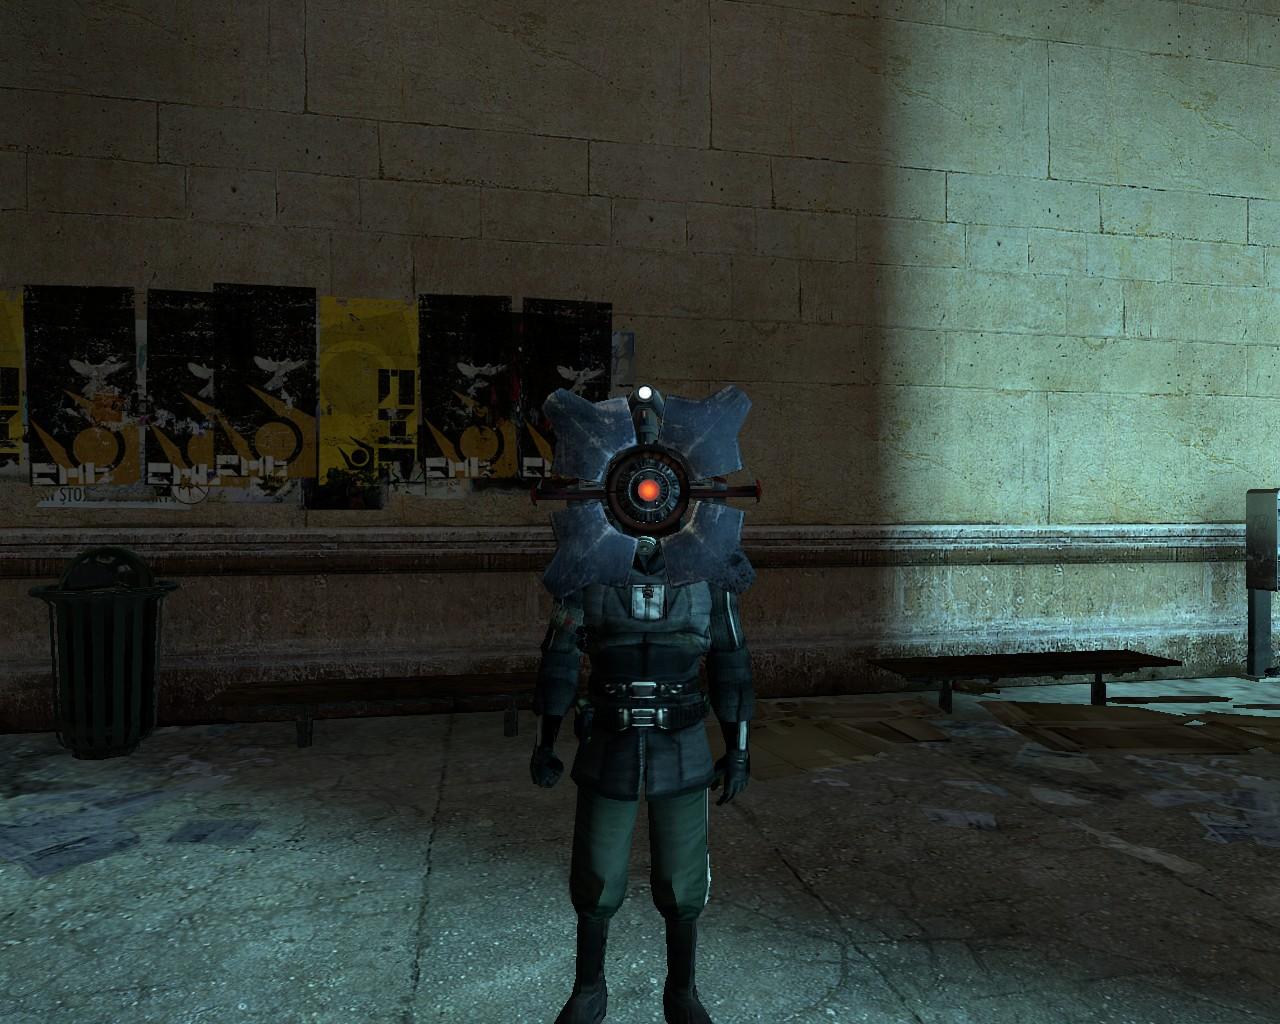 d1_trainstation_010001.jpg - Half-Life 2